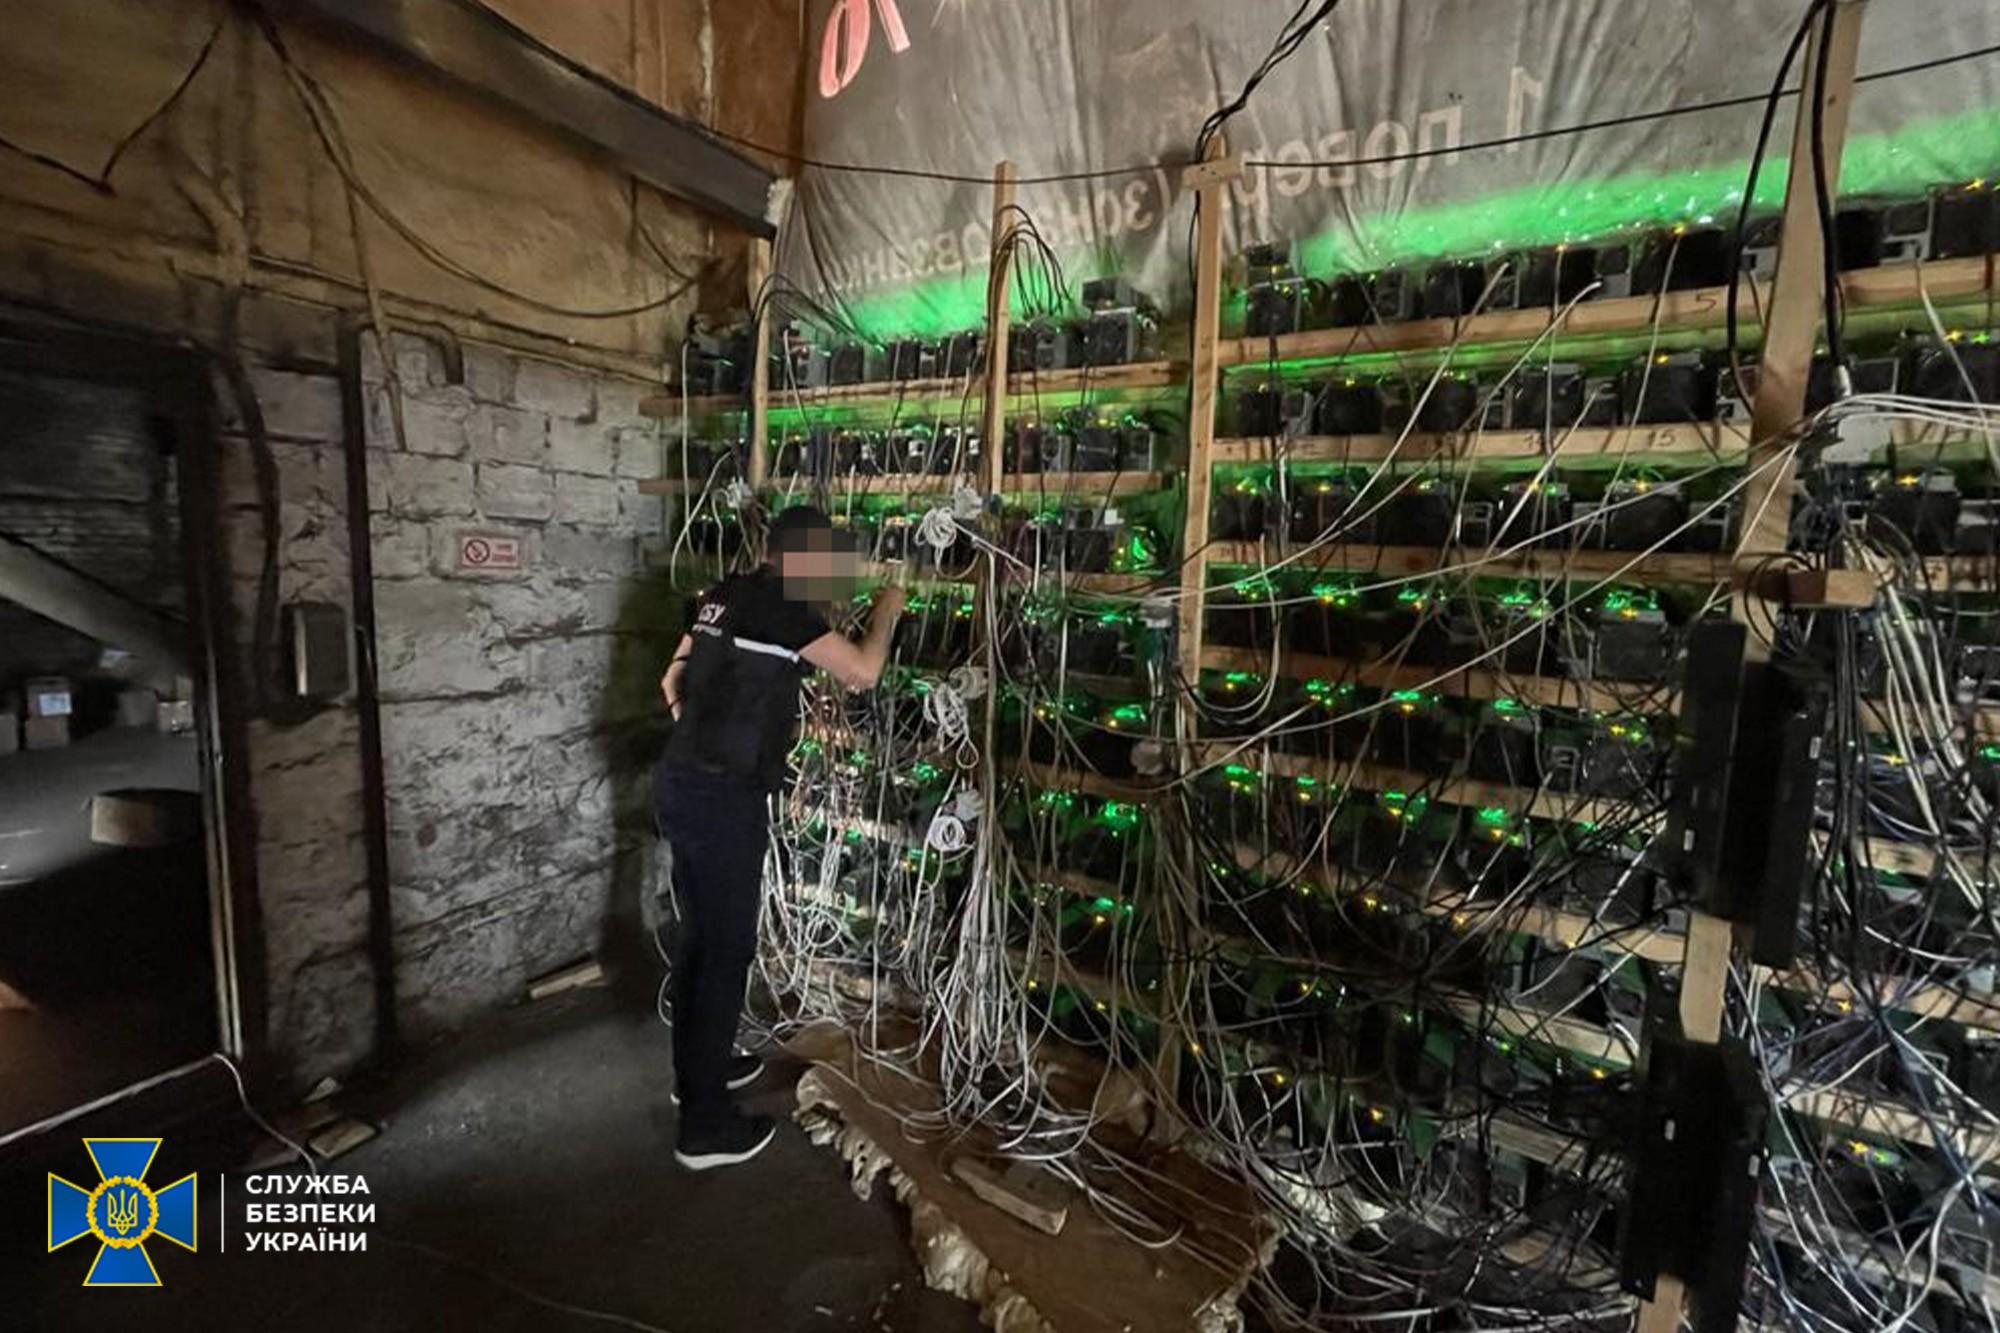 СБУ пресекла деятельность подпольной майнинг фермы